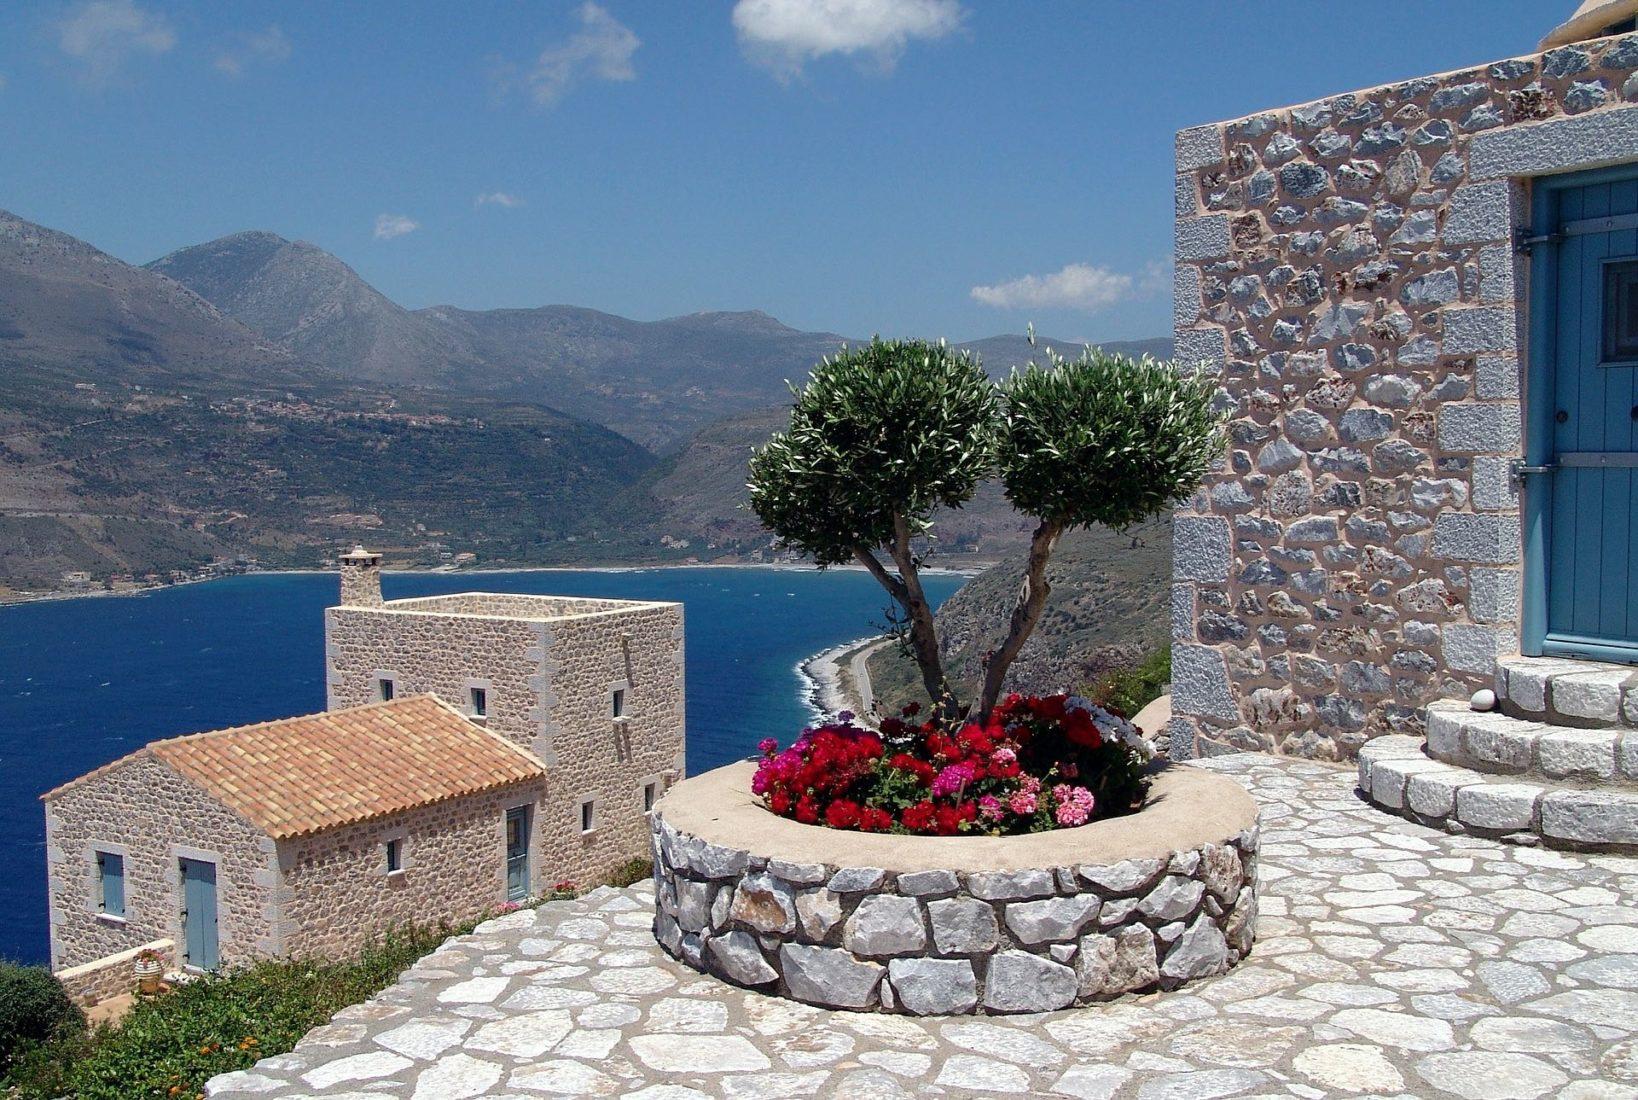 Griechisches Idyll: Natursteine im Terrassen-, Beet- und Treppenbereich sowie an der Fassade. Foto: Pixabay